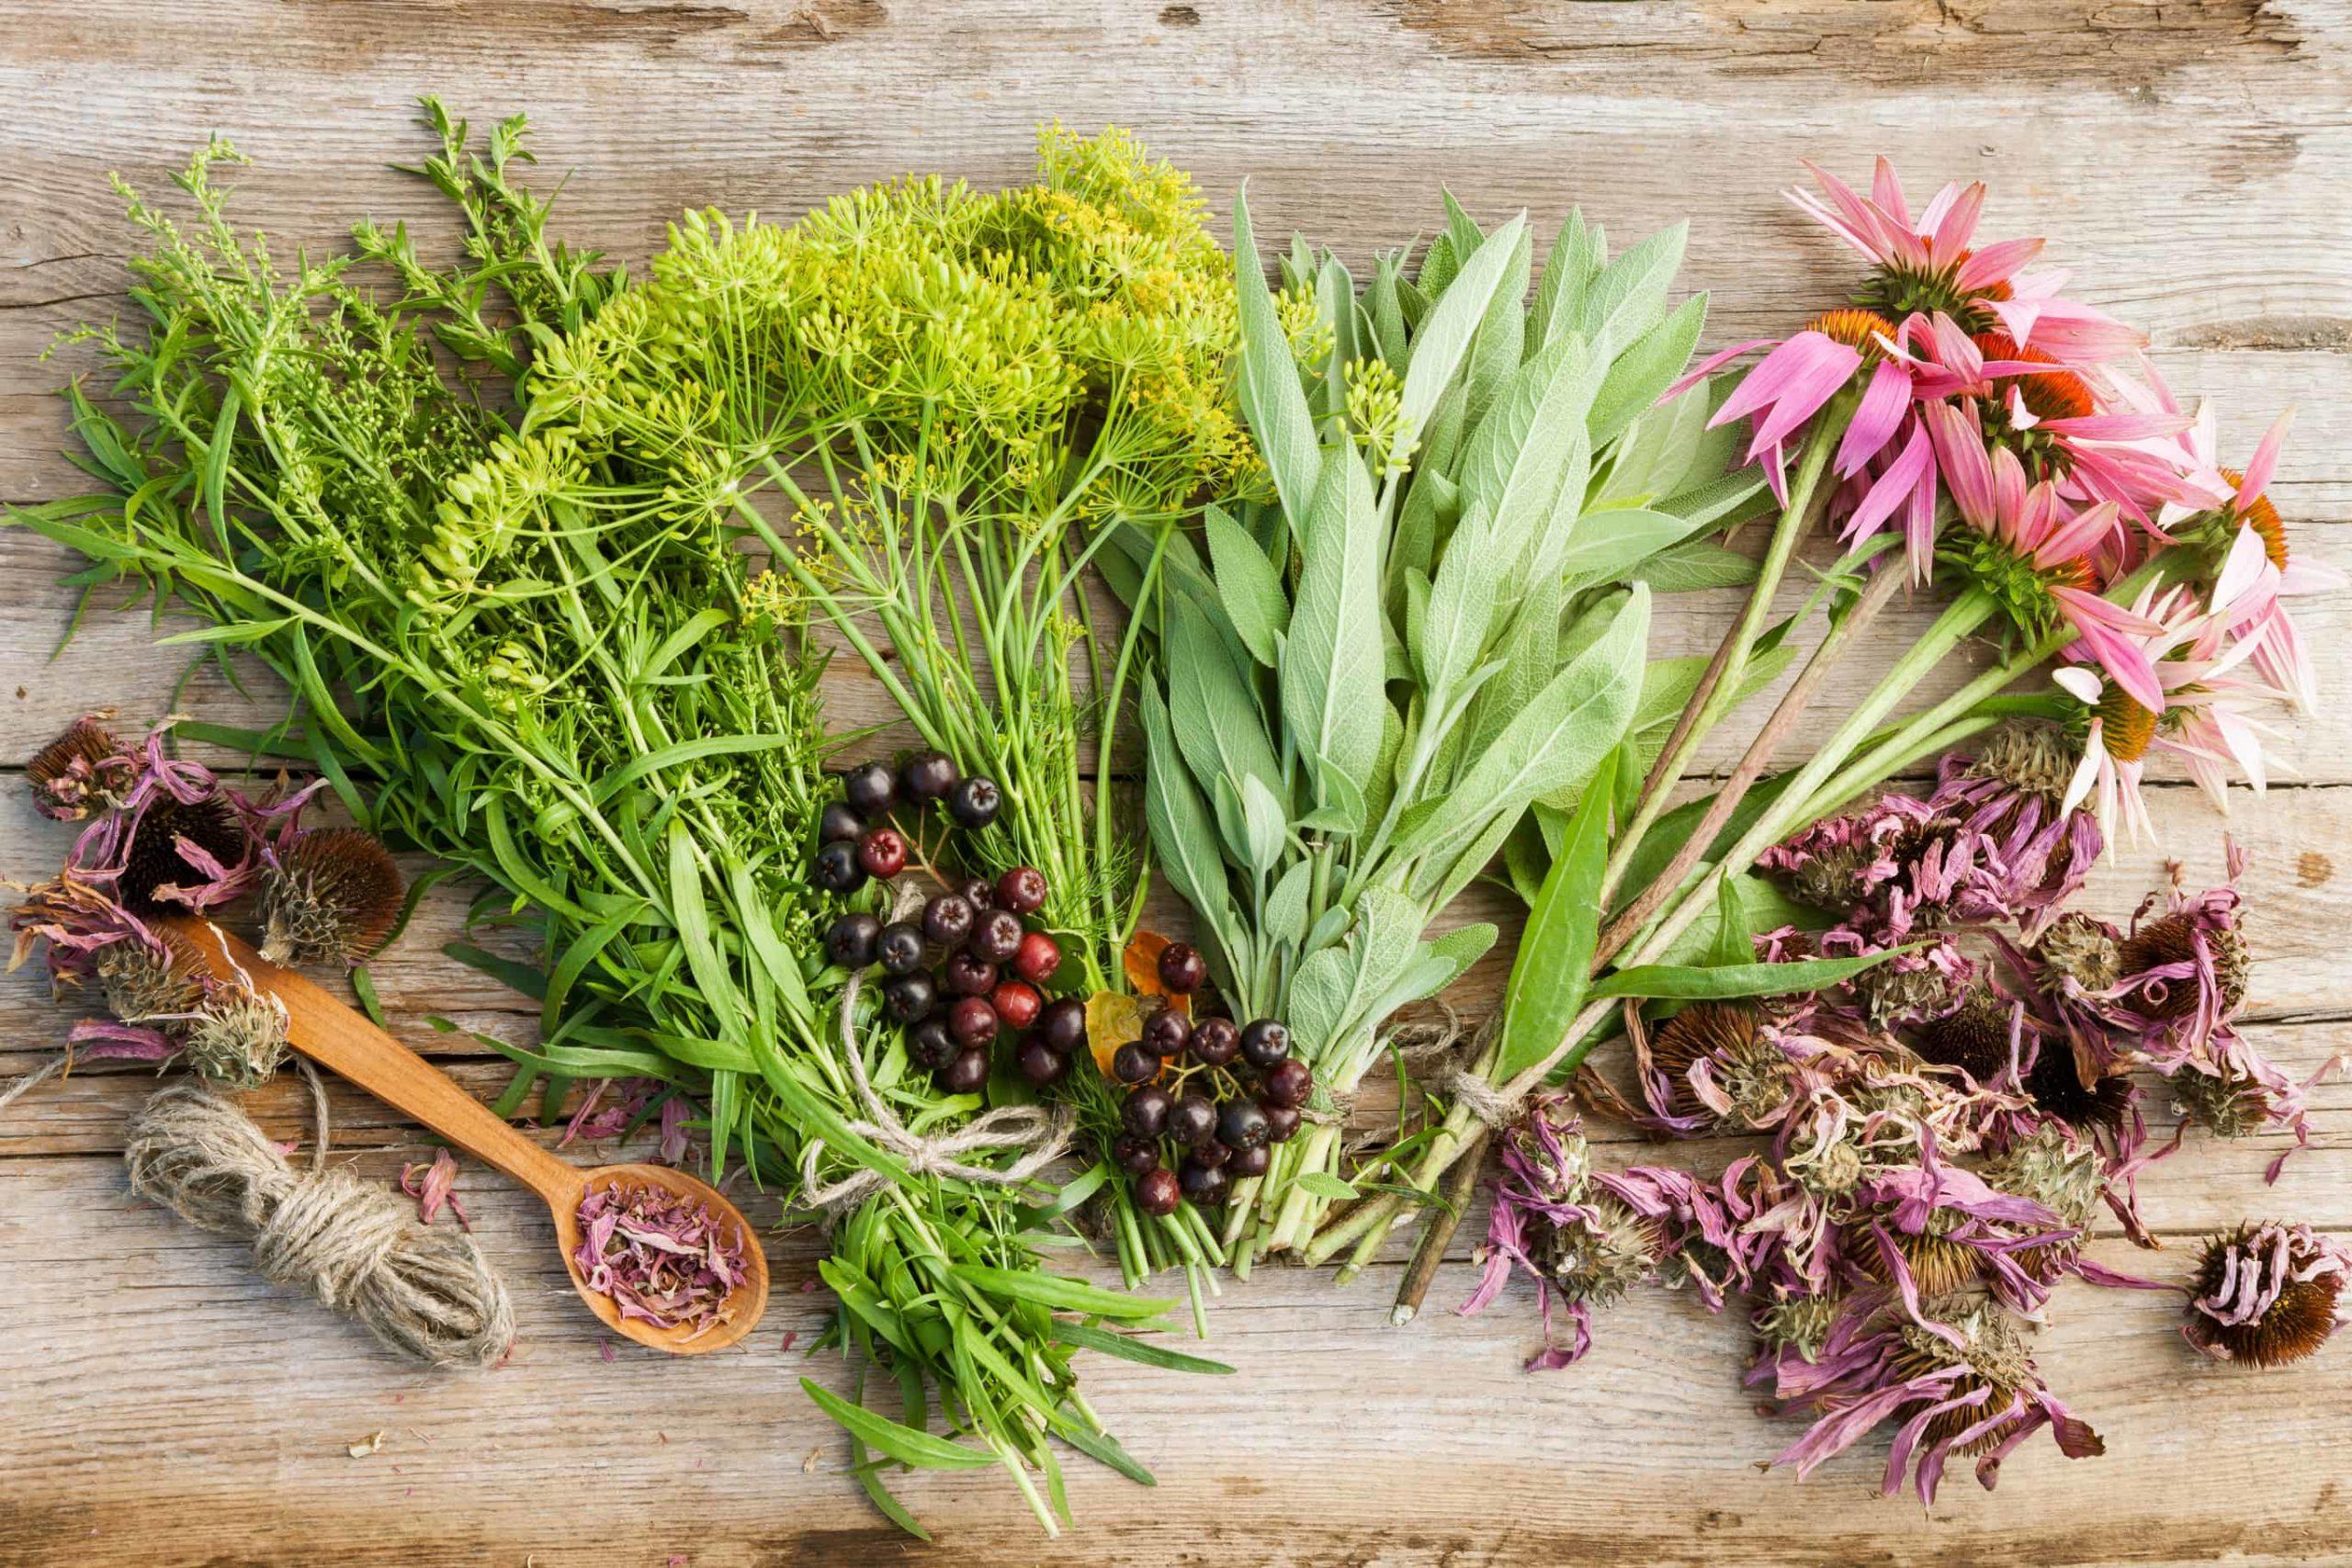 Plantas antivirales –  8 ejemplos con actividad comprobada por la ciencia